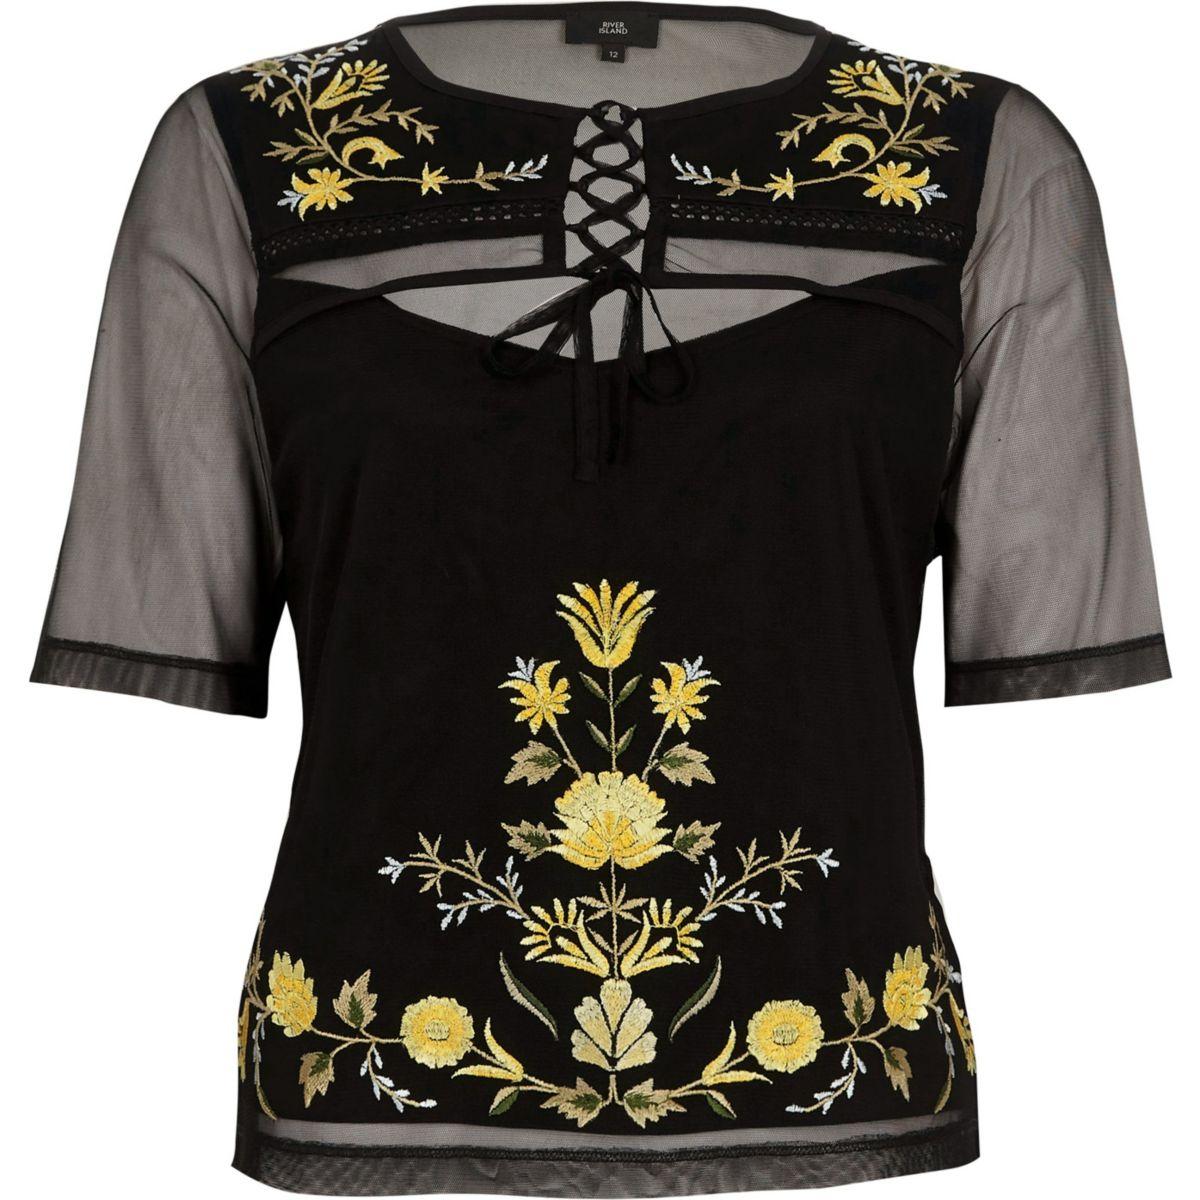 Schwarzes, besticktes T-Shirt